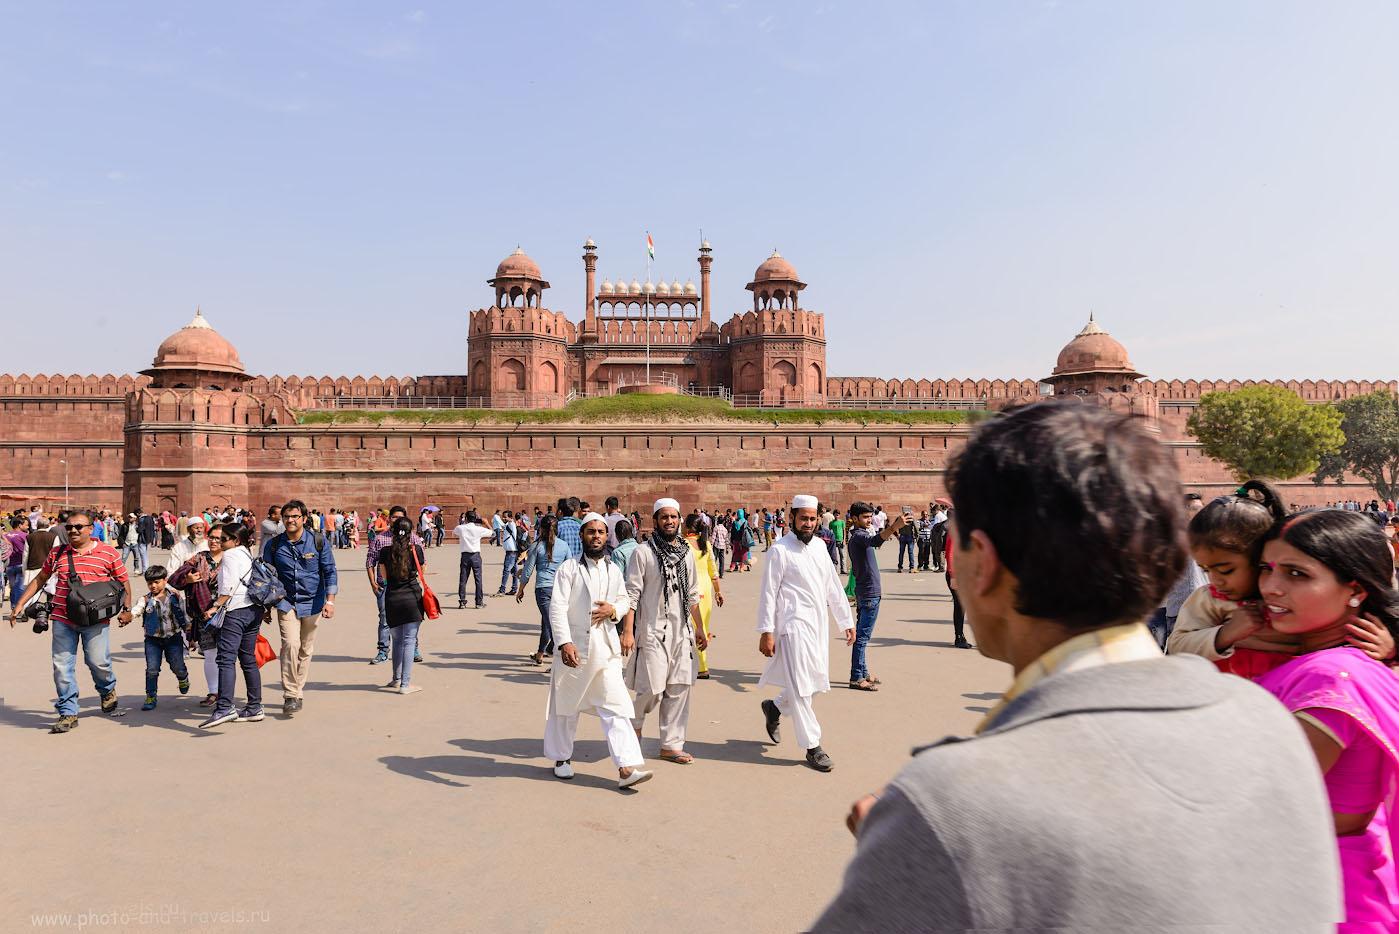 Фотография 13. Красный форт – визитная карточка Дели. Лахорские ворота. Отзывы туристов о самостоятельных экскурсиях. 1/200, 9.0, 100, 24.